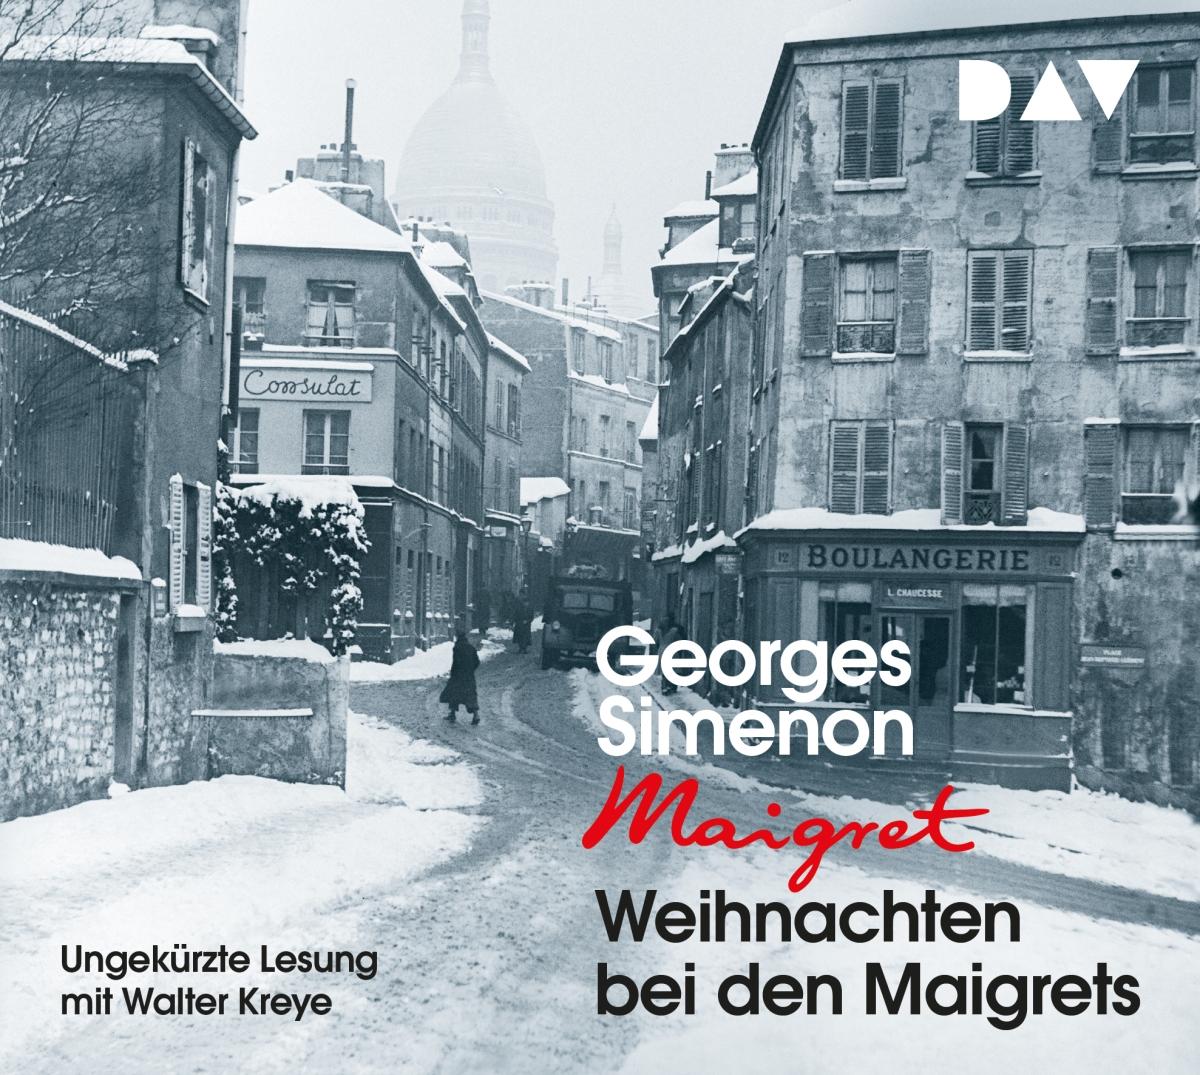 For free: Weihnachten bei den Maigrets